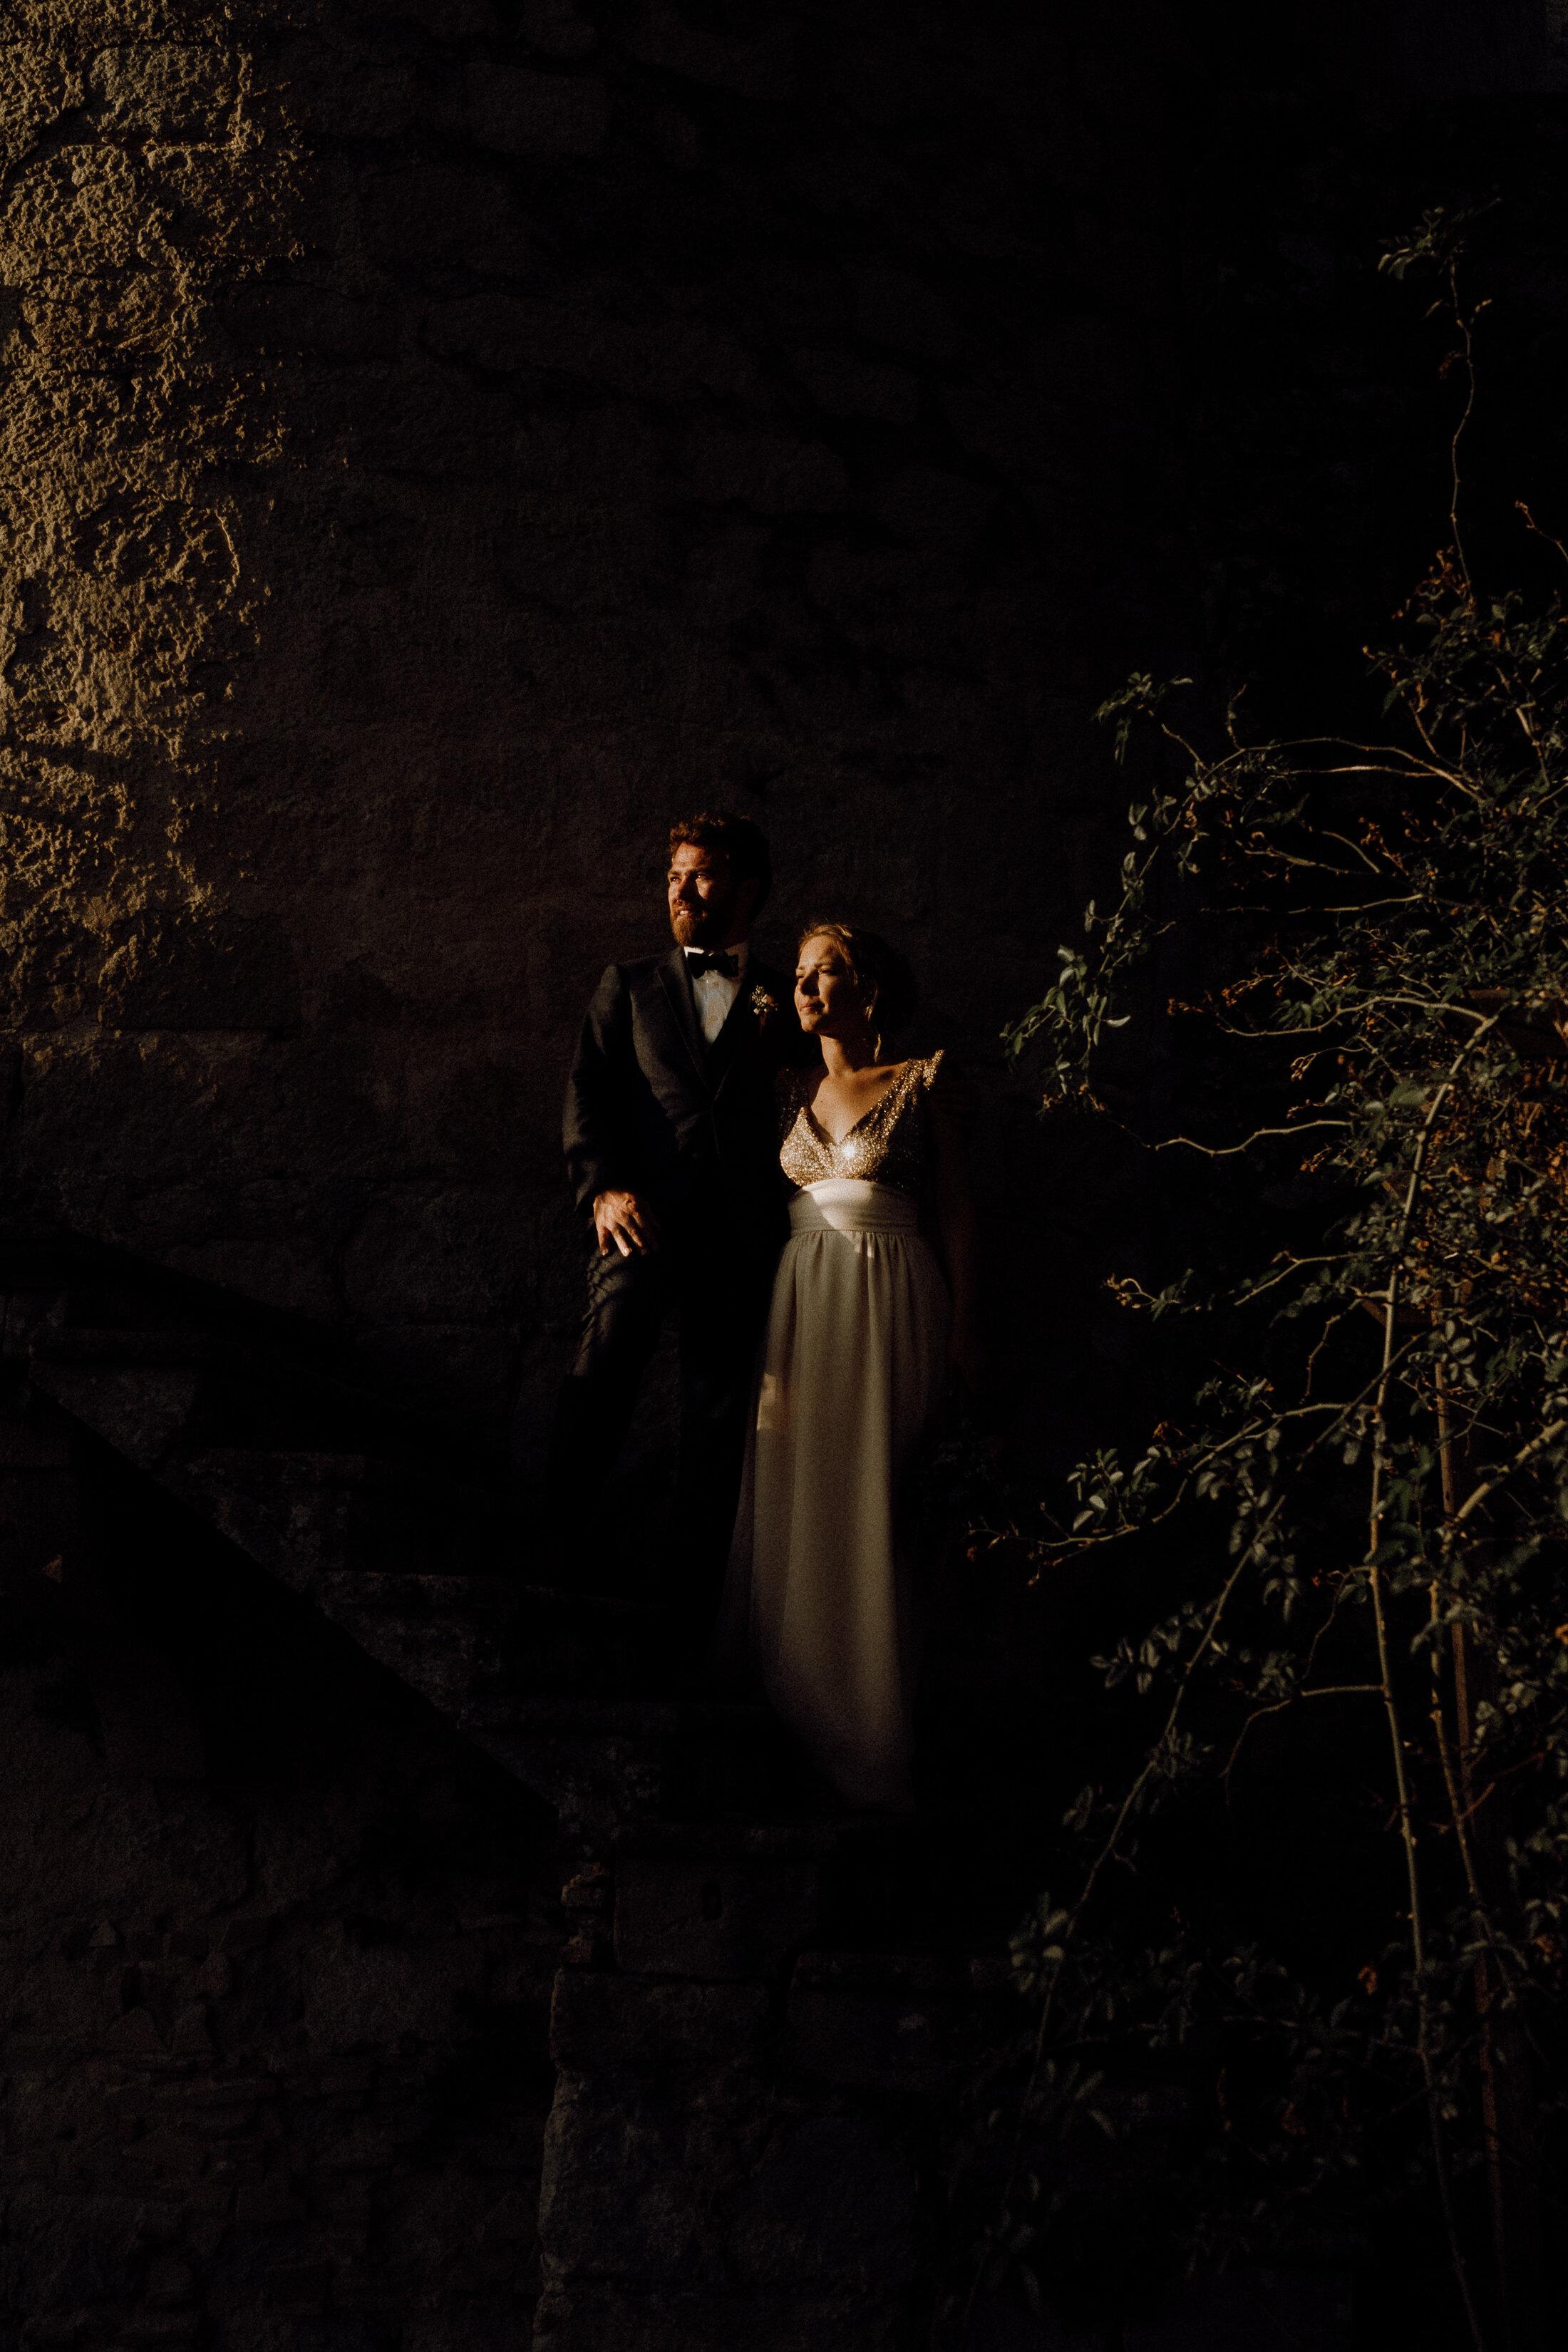 Hortense Maxence-chateau dauros-kewin connin jackson-204041.jpg